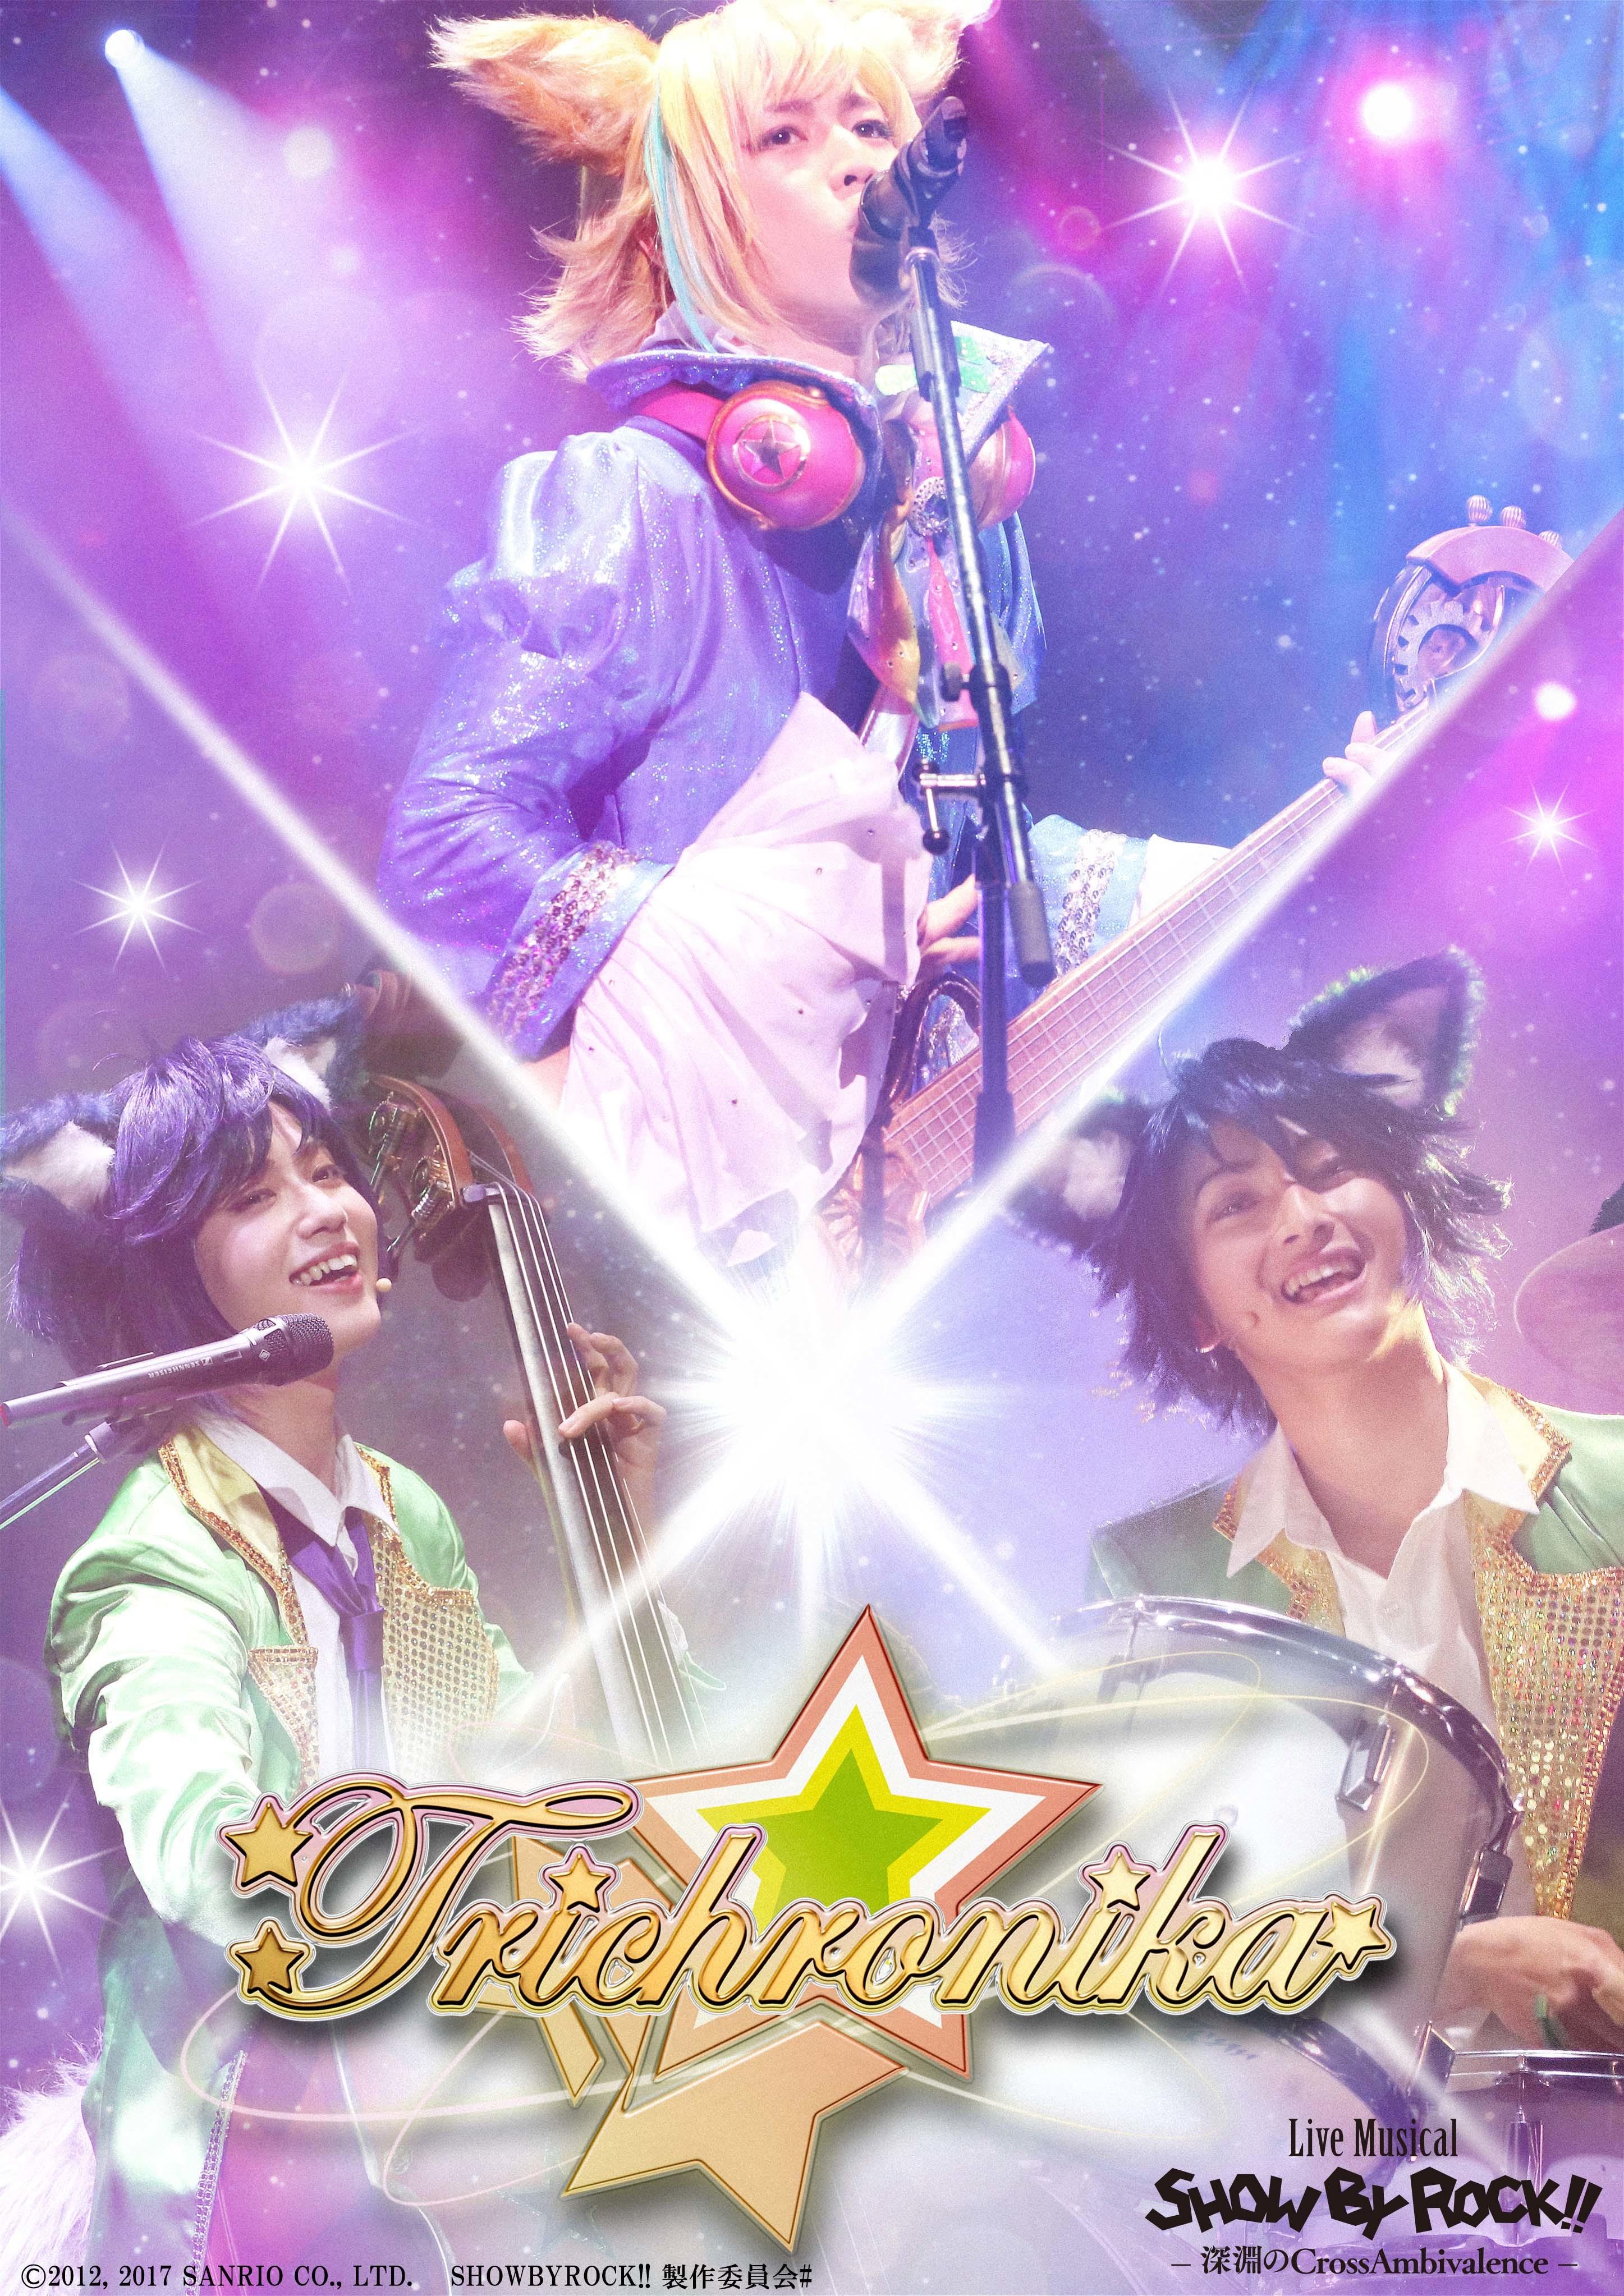 左より: リク(B)ゆうたろう、シュウ☆ゾー(Vo+Gt)鎌苅健太、カイ(D)木原瑠生